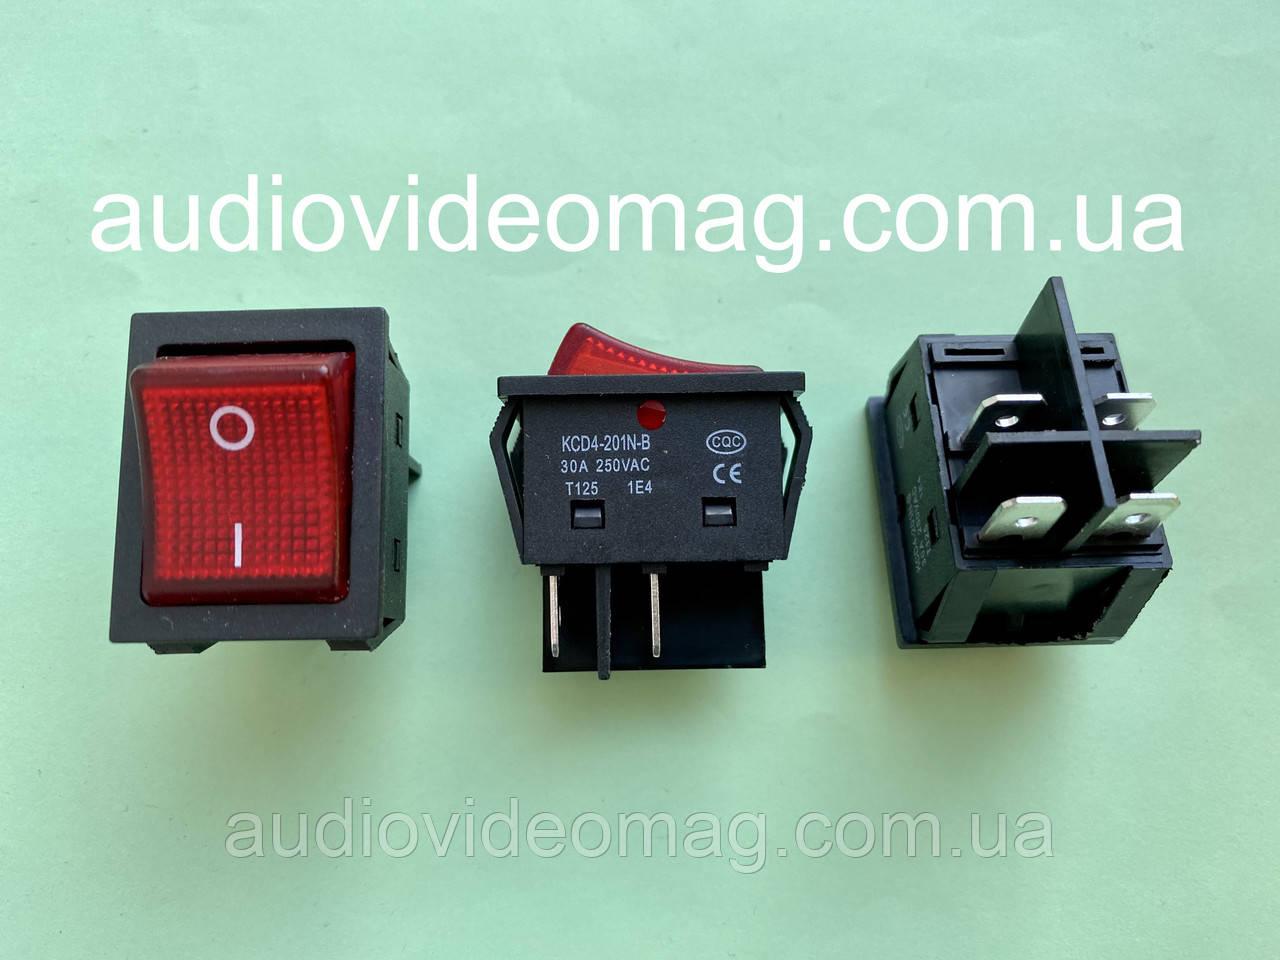 Переключатель клавишный 28.5 х 22 мм, 30А 250V, 4 контакта